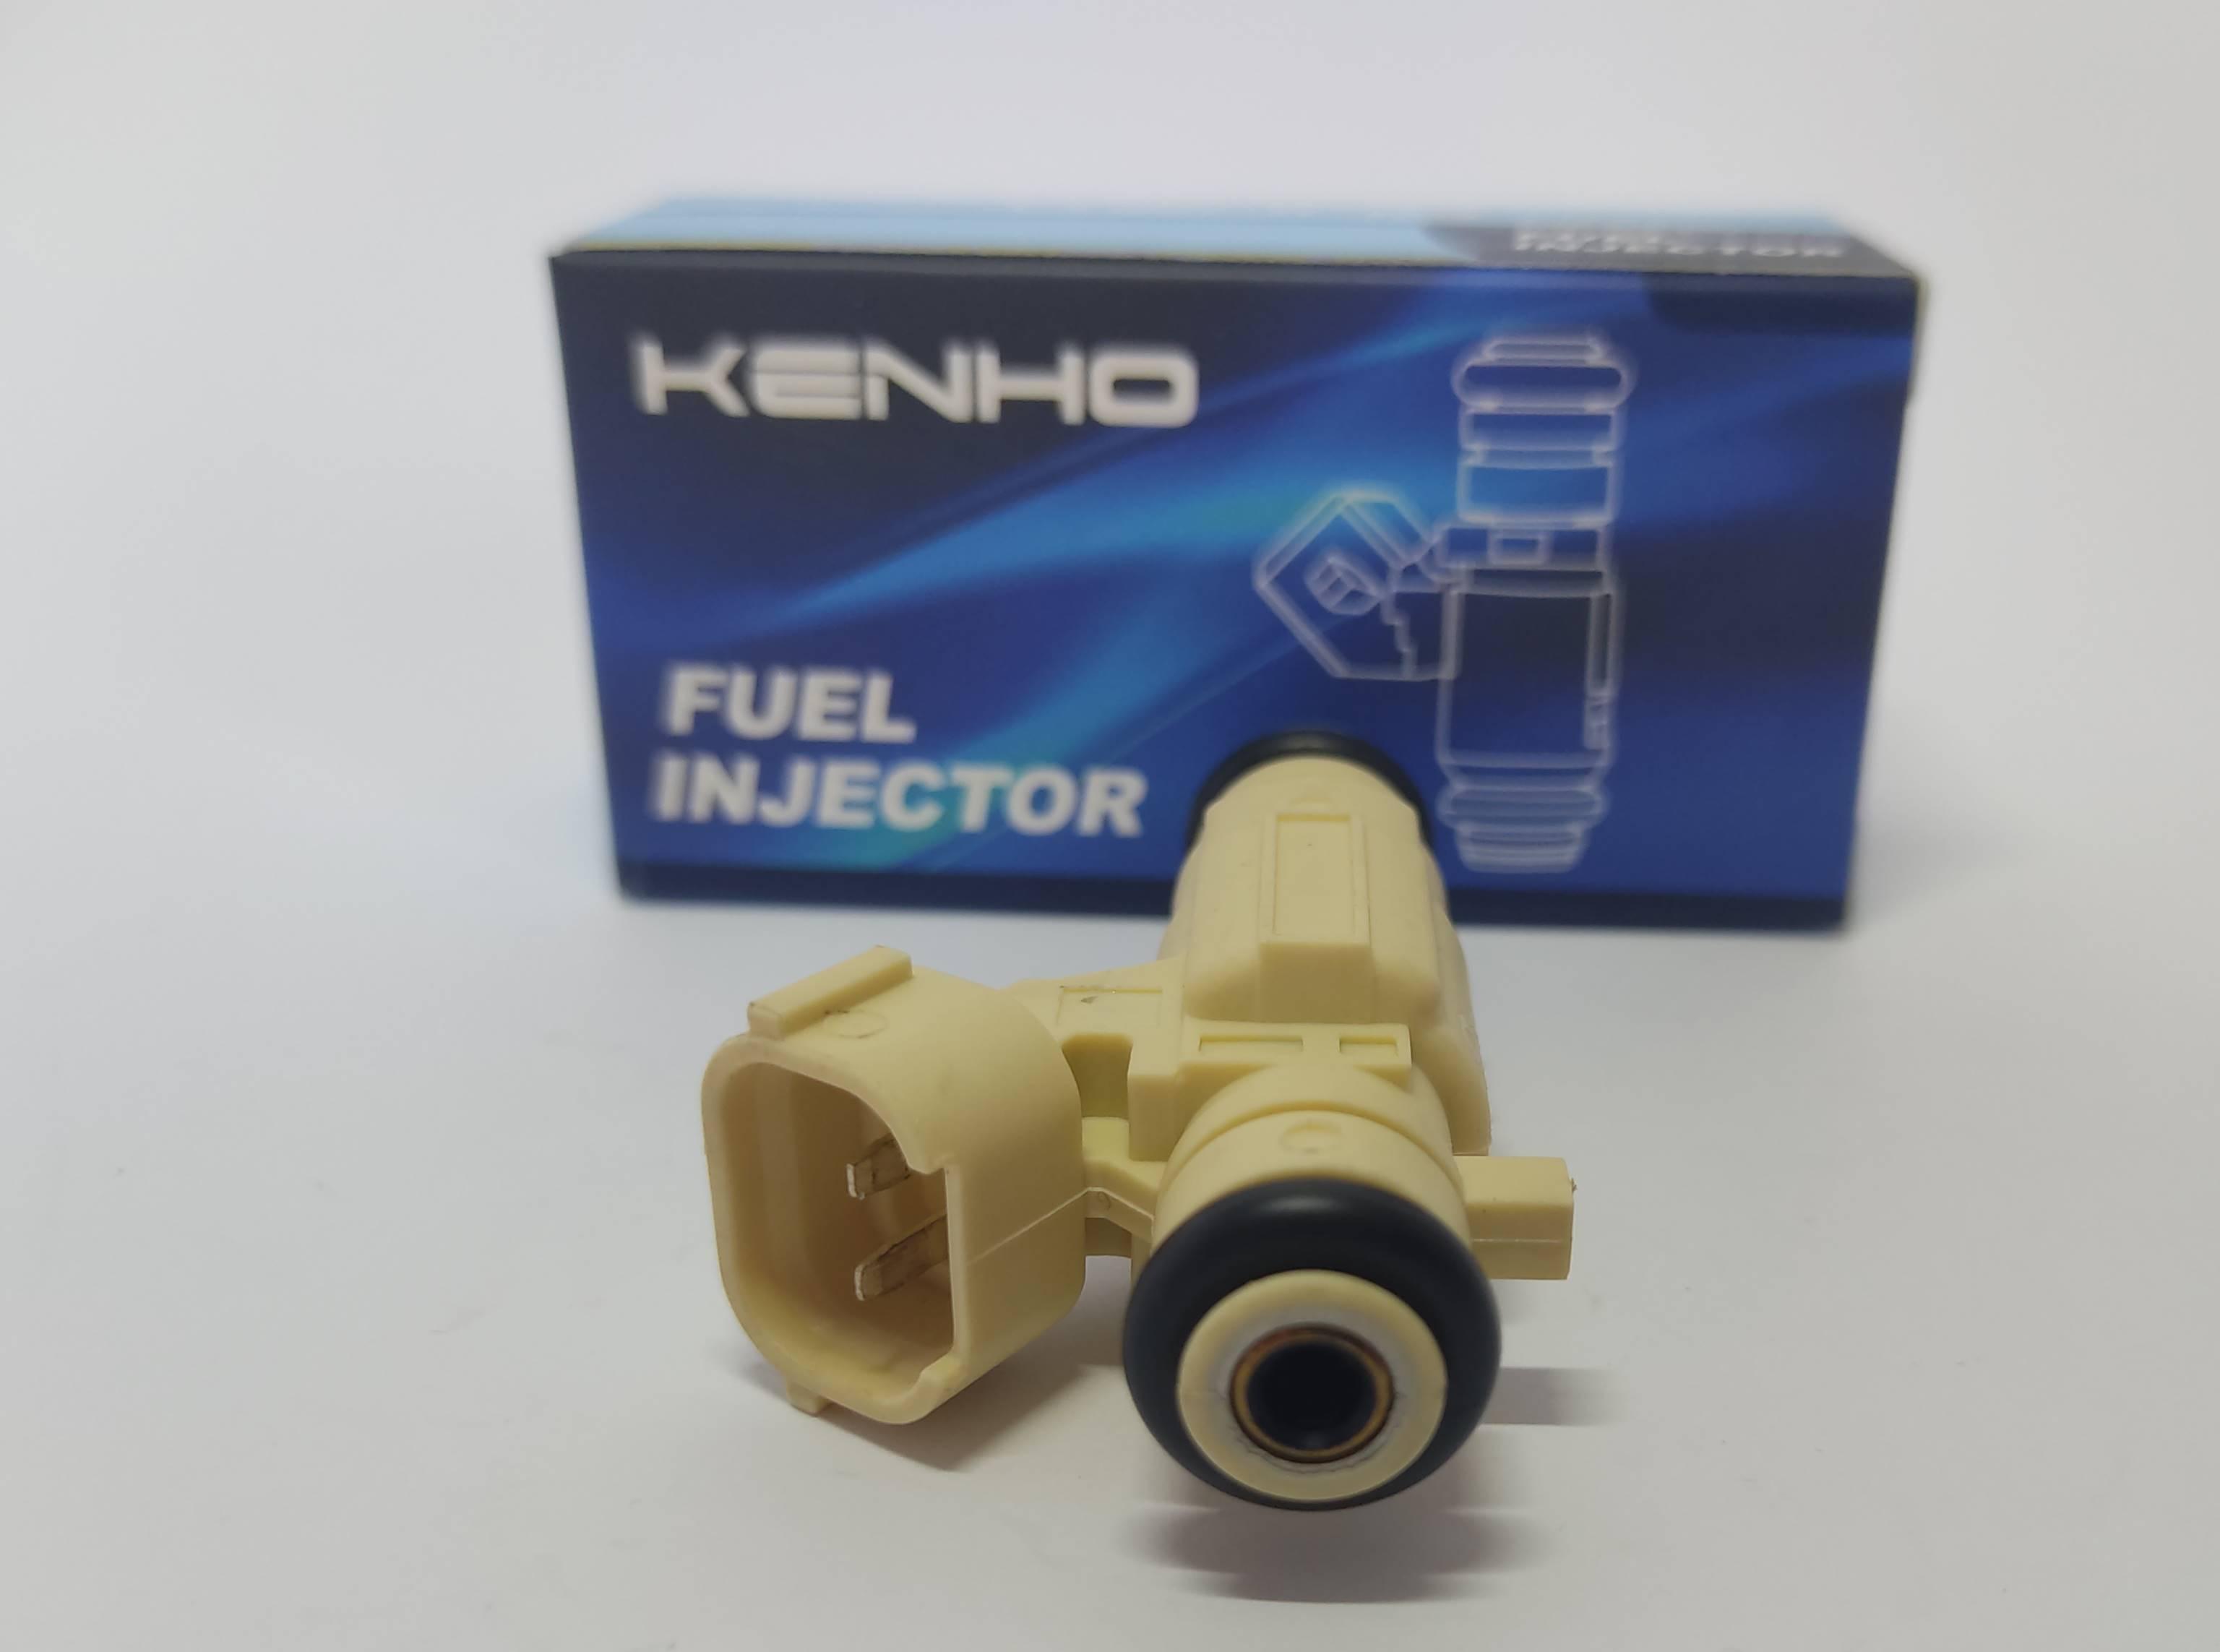 Форсунка топливная KENHO FI-11202  Аналог 35310-23600 KIA / HYUNDAI  двигатель 1.8L - 2.0L - 2.7L